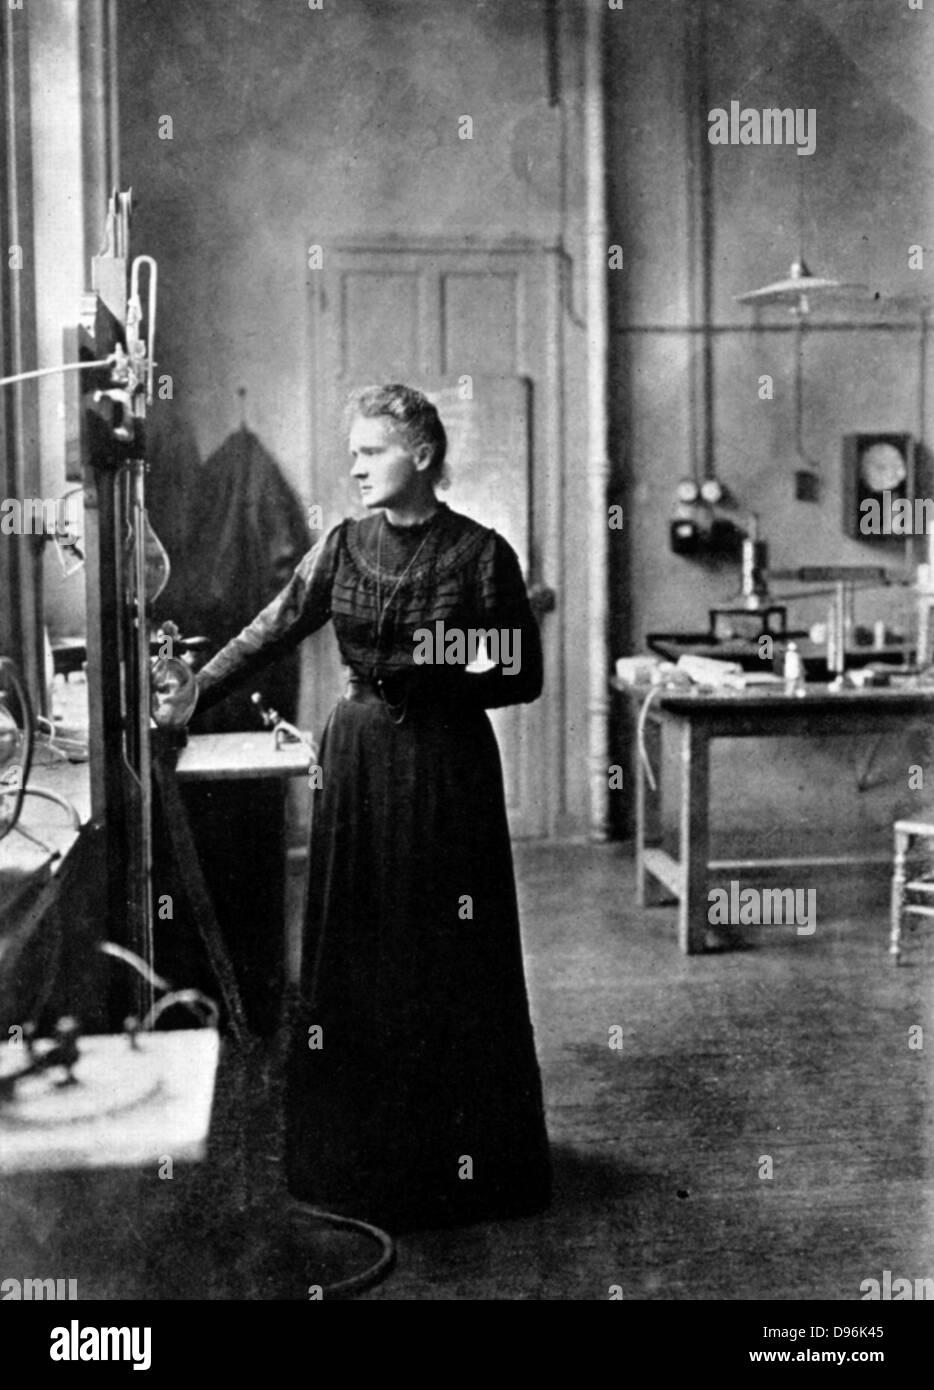 Marie Curie (1867-1934) Polen geborenen französischen Physiker in ihrem Labor, 1912, das Jahr, nachdem sie Stockbild